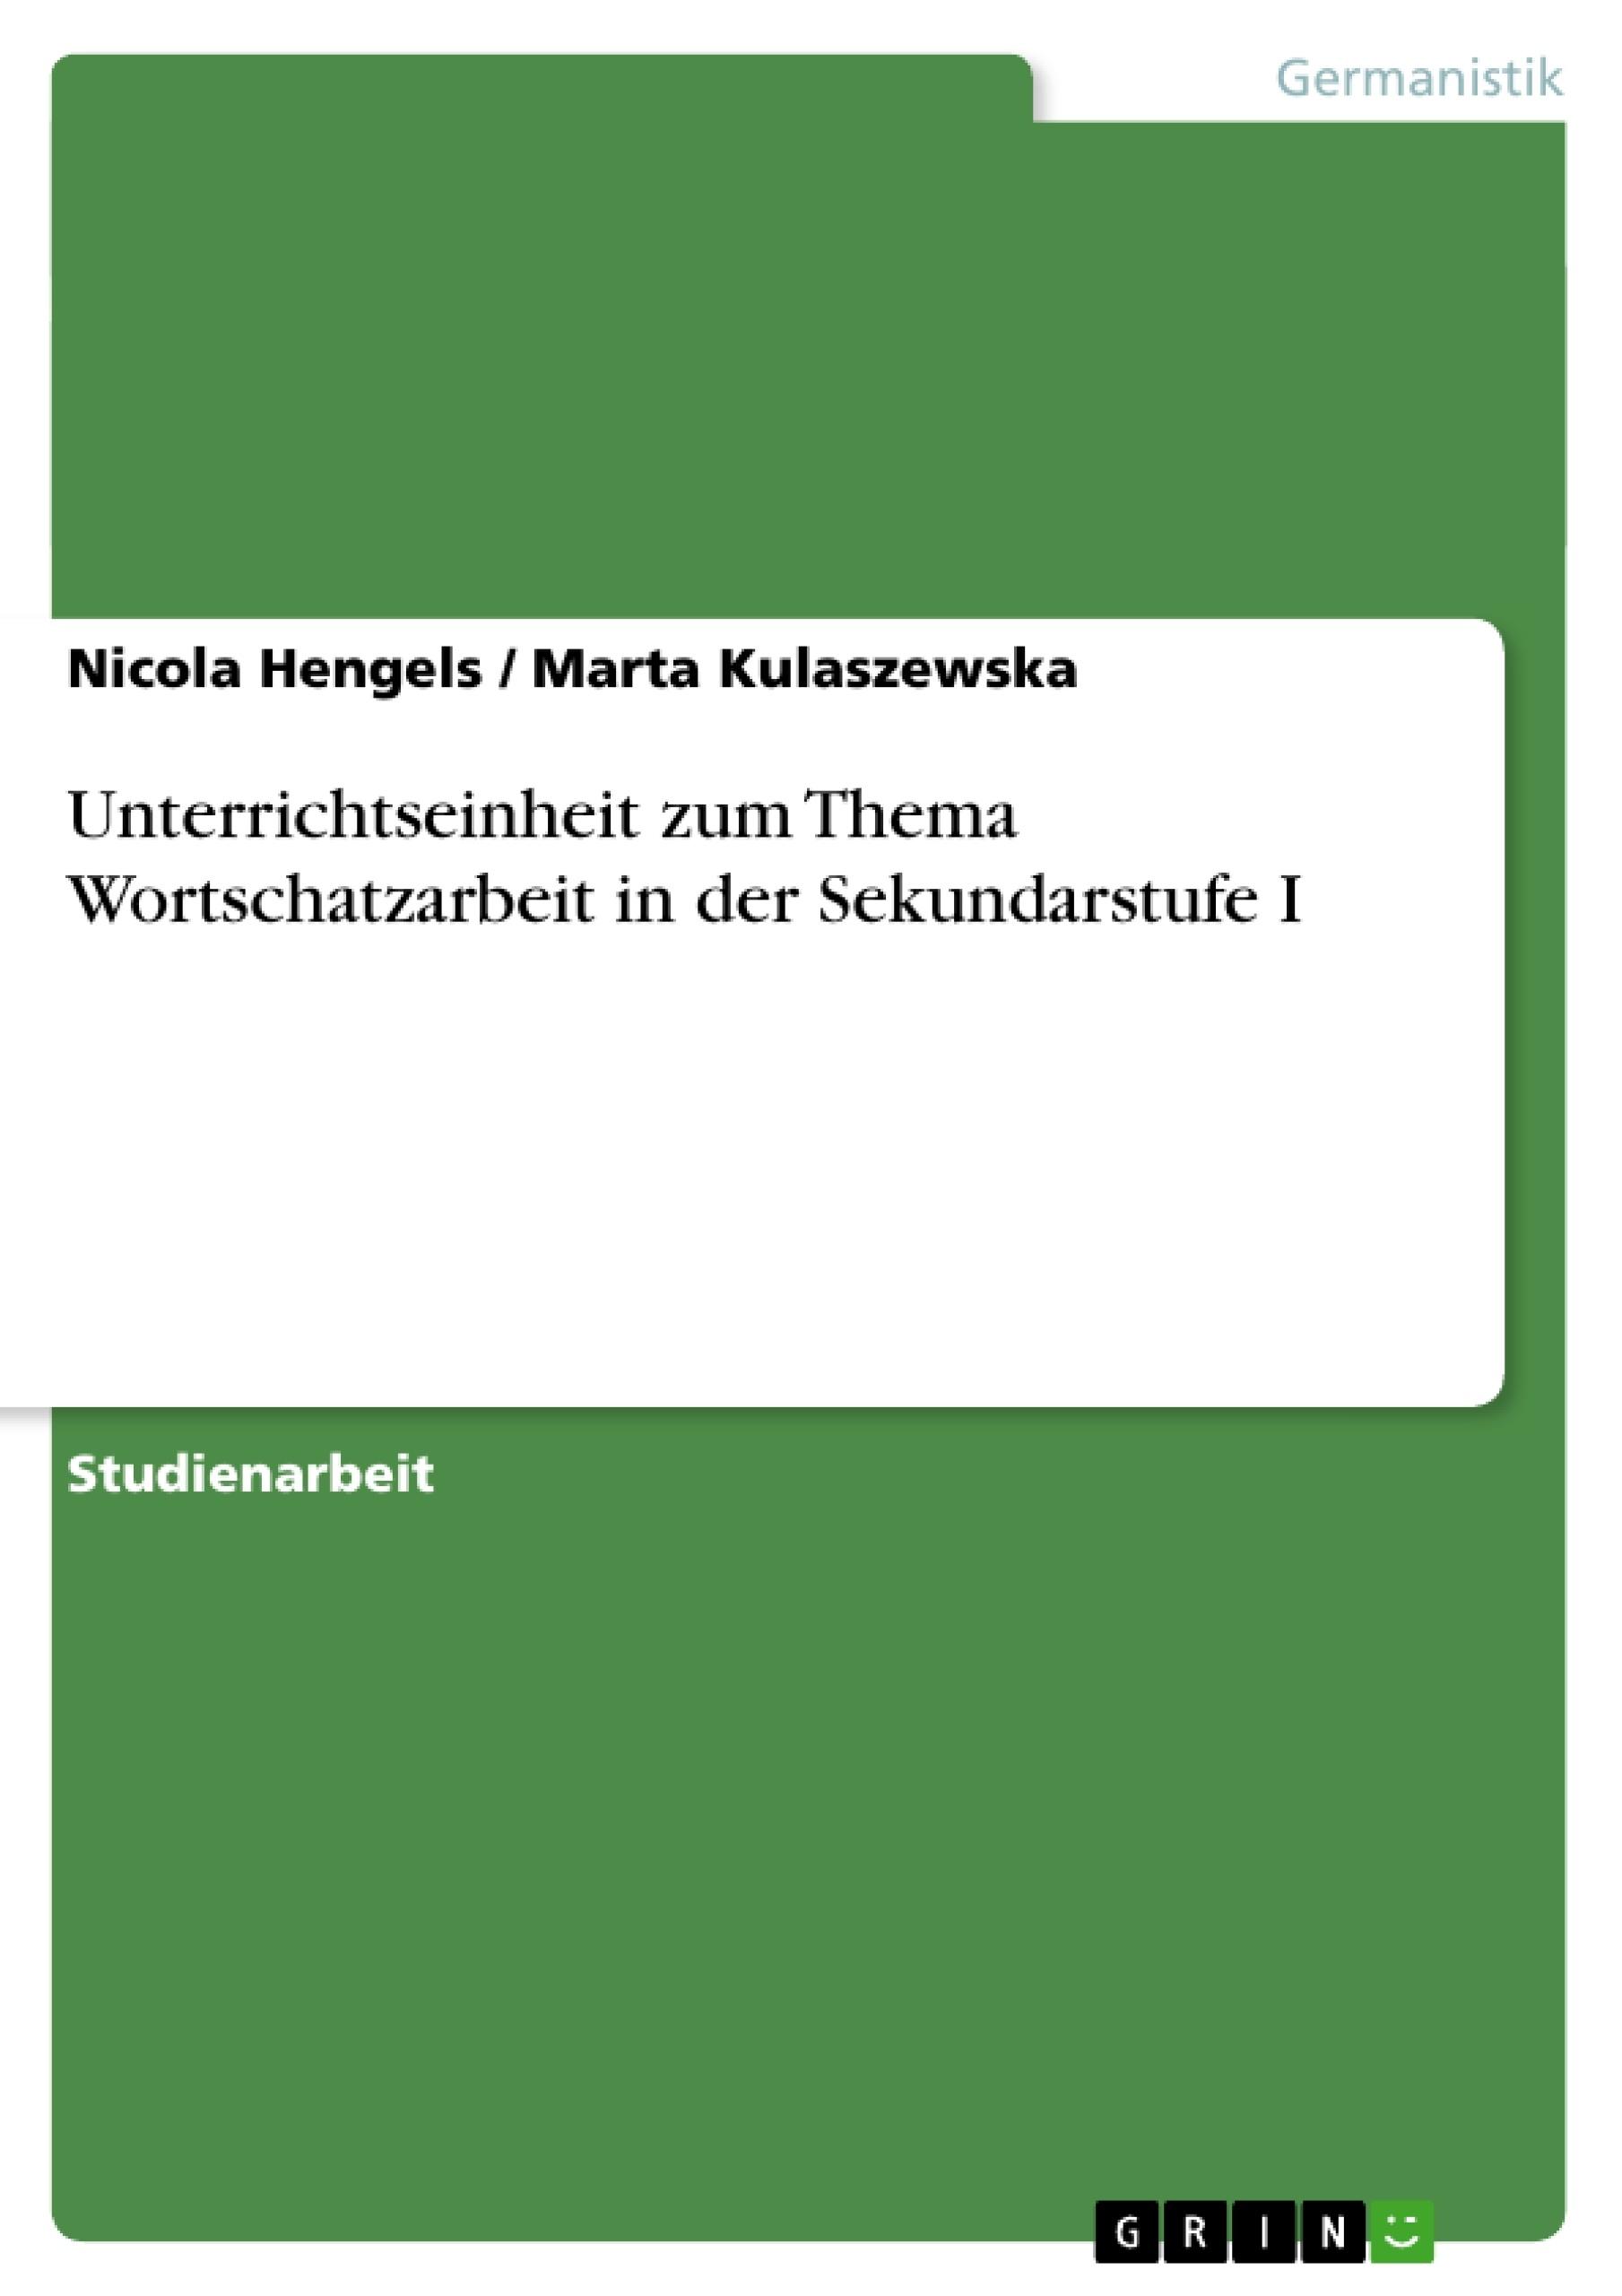 Titel: Unterrichtseinheit zum Thema Wortschatzarbeit in der Sekundarstufe I